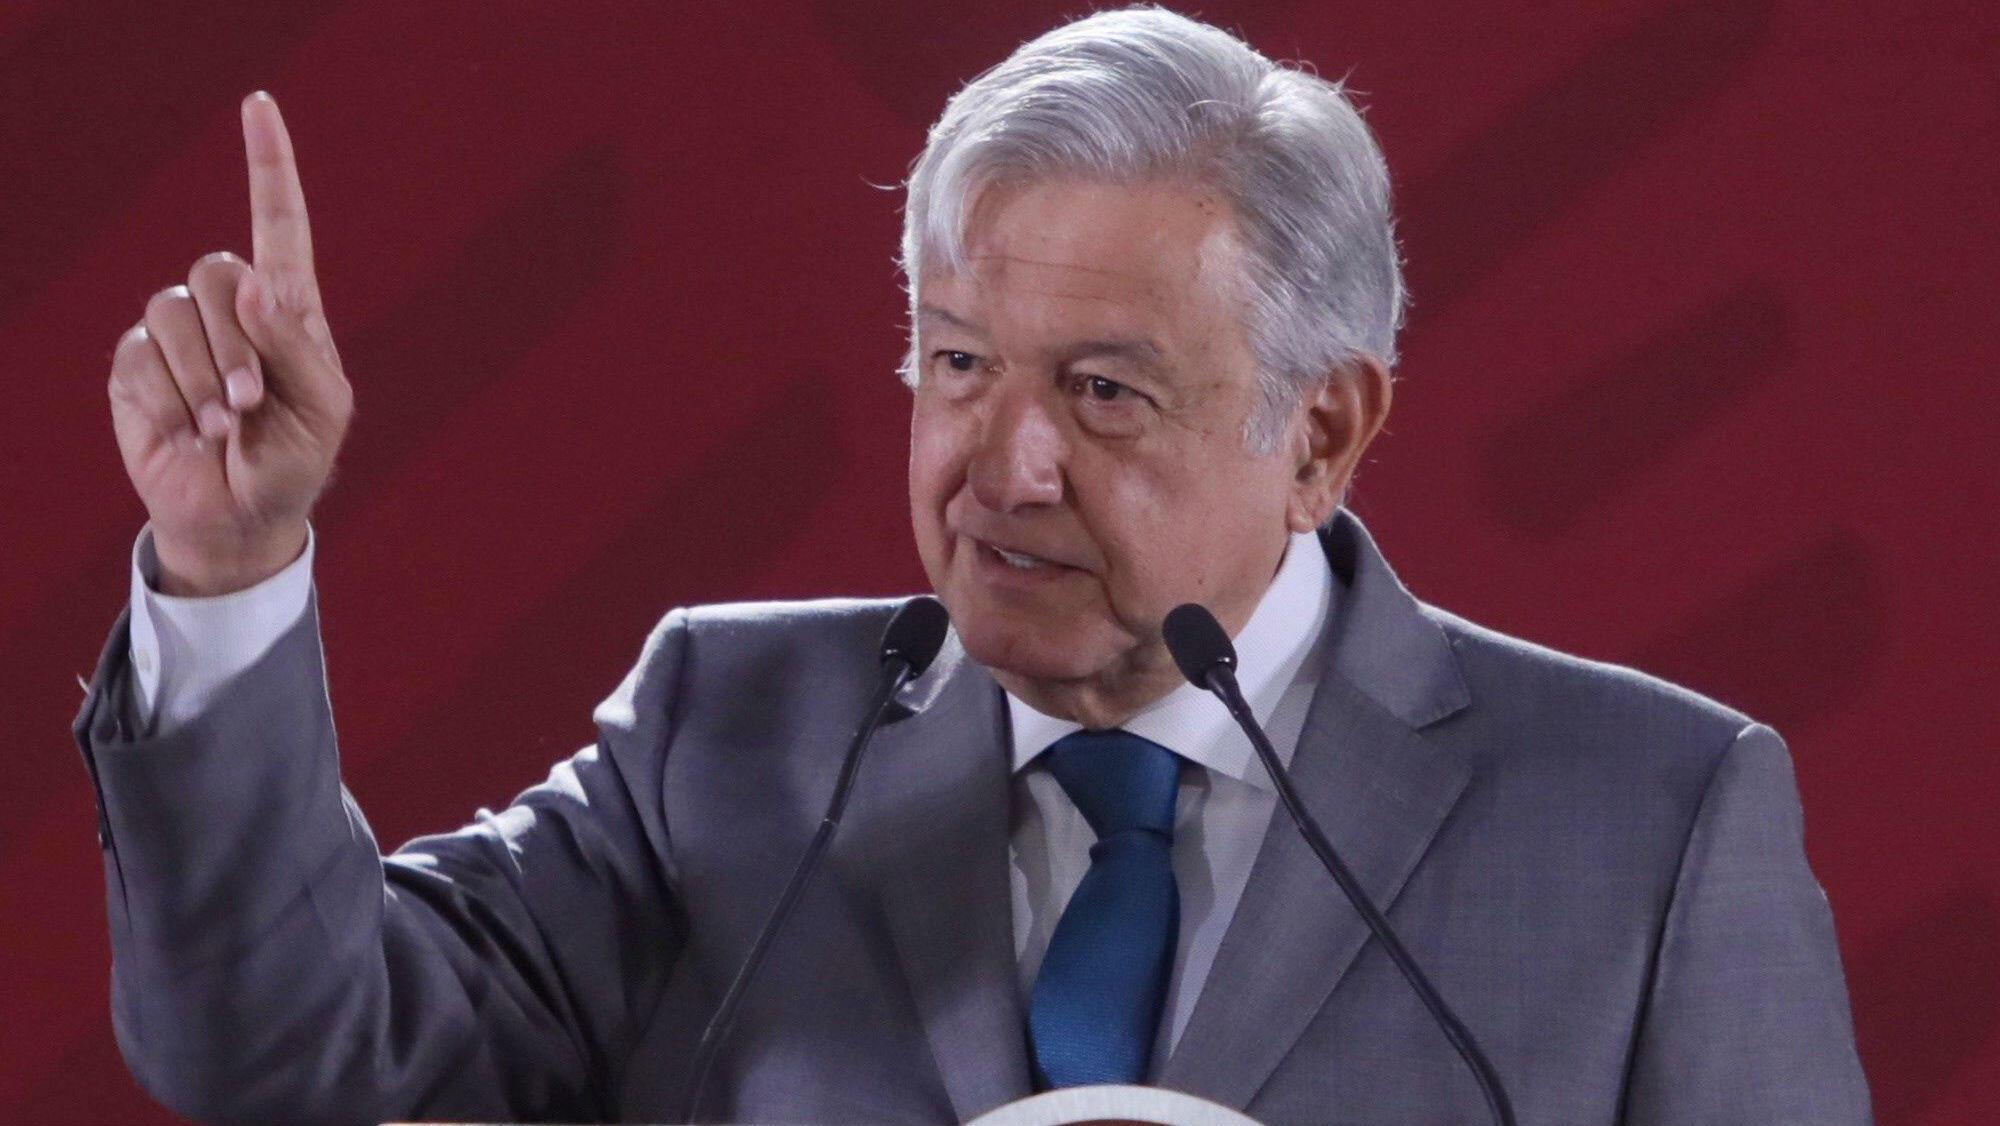 El presidente de México, Andrés Manuel López Obrador, en conferencia en el Palacio Nacional, en Ciudad de México, México, el 28 de enero de 2019.